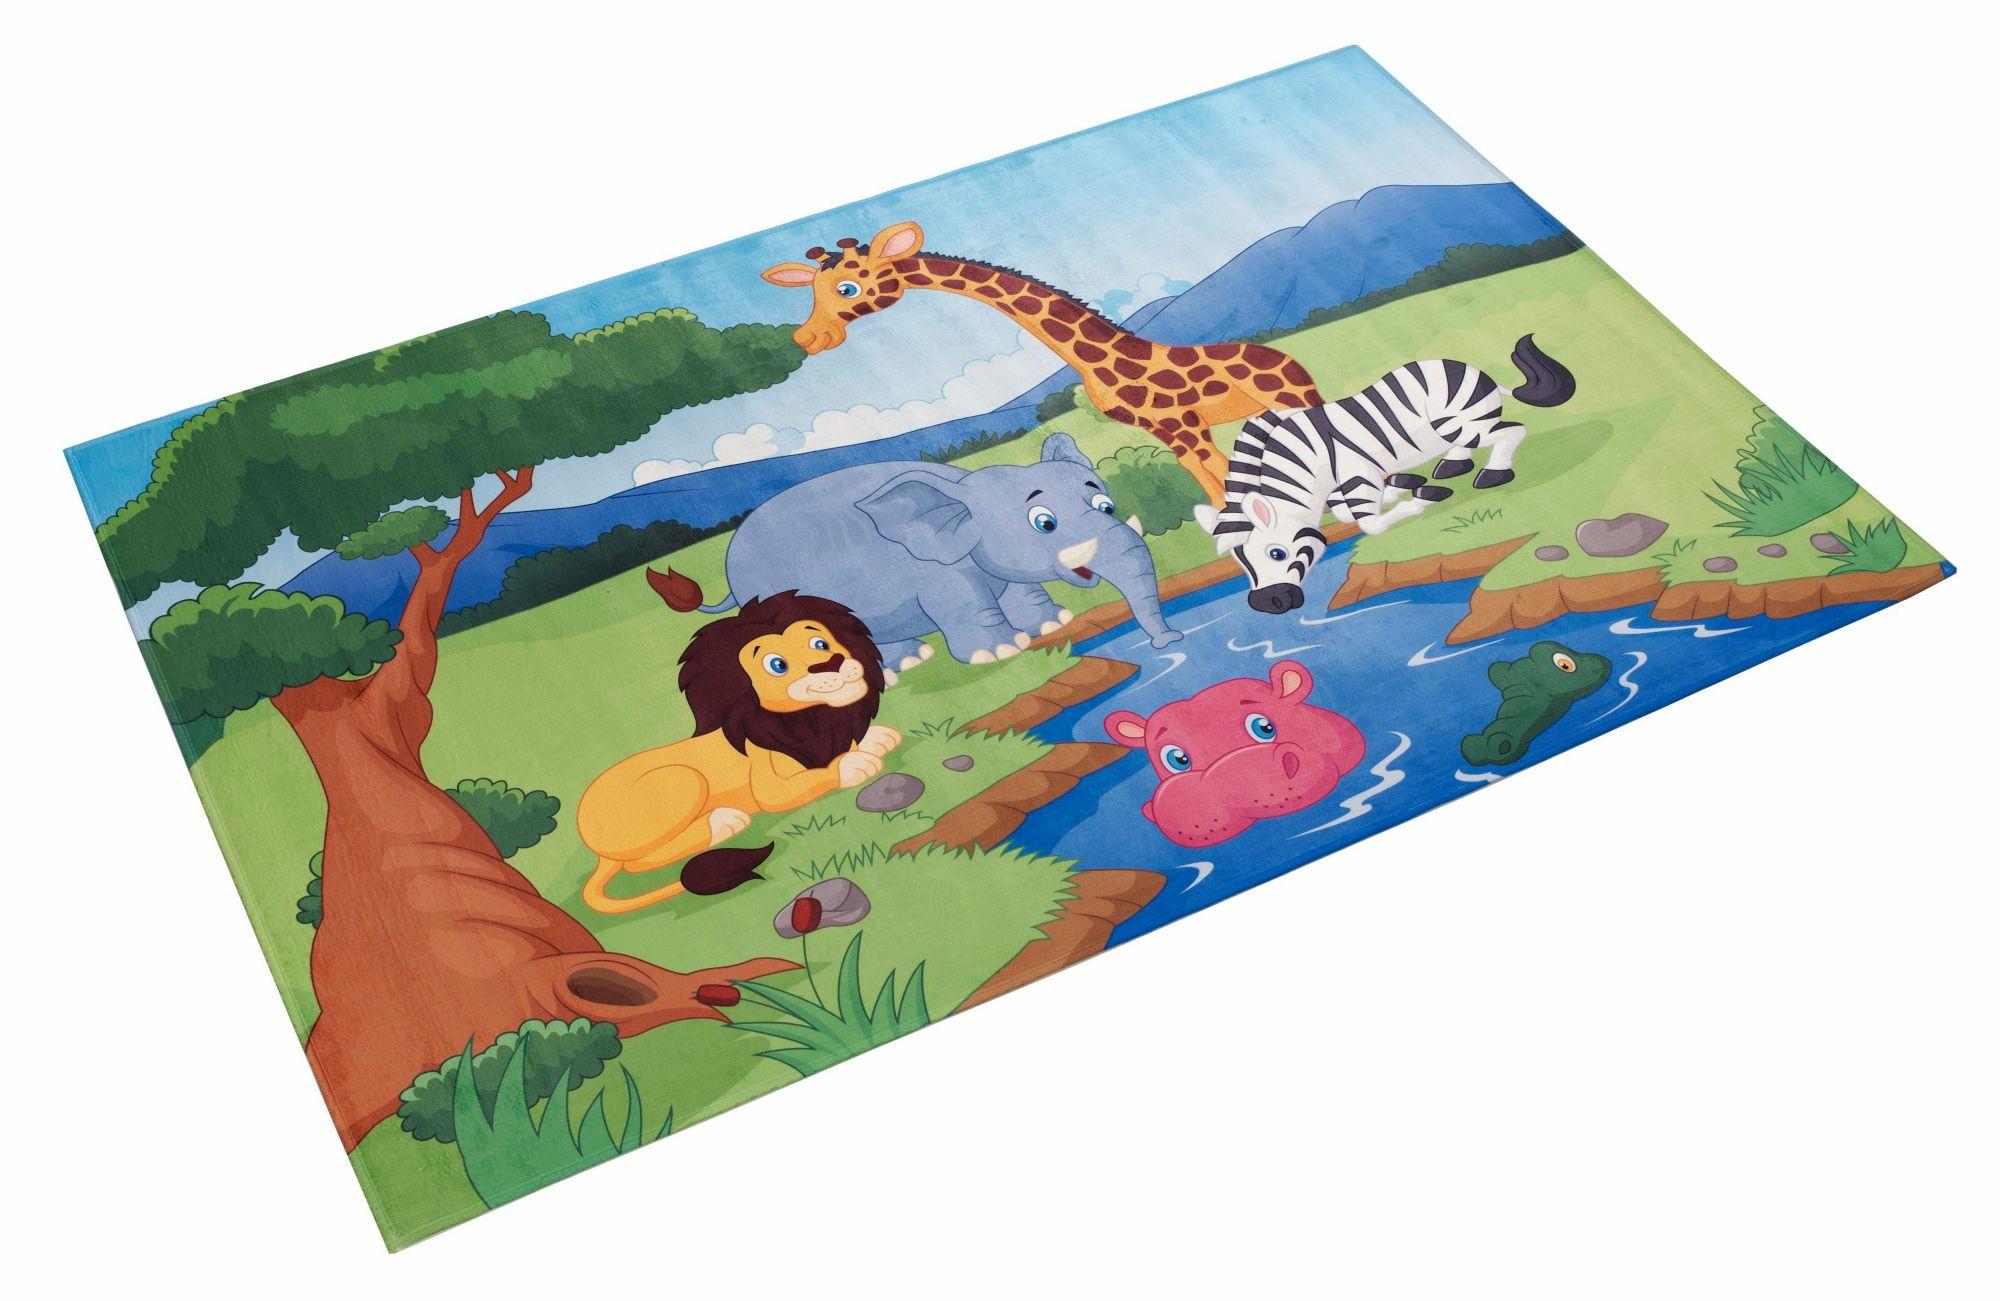 BÖING CARPET Kinderteppich, »Lovely Kids 403«, Böing Carpet, rechteckig, Höhe 6 mm, gedruckt